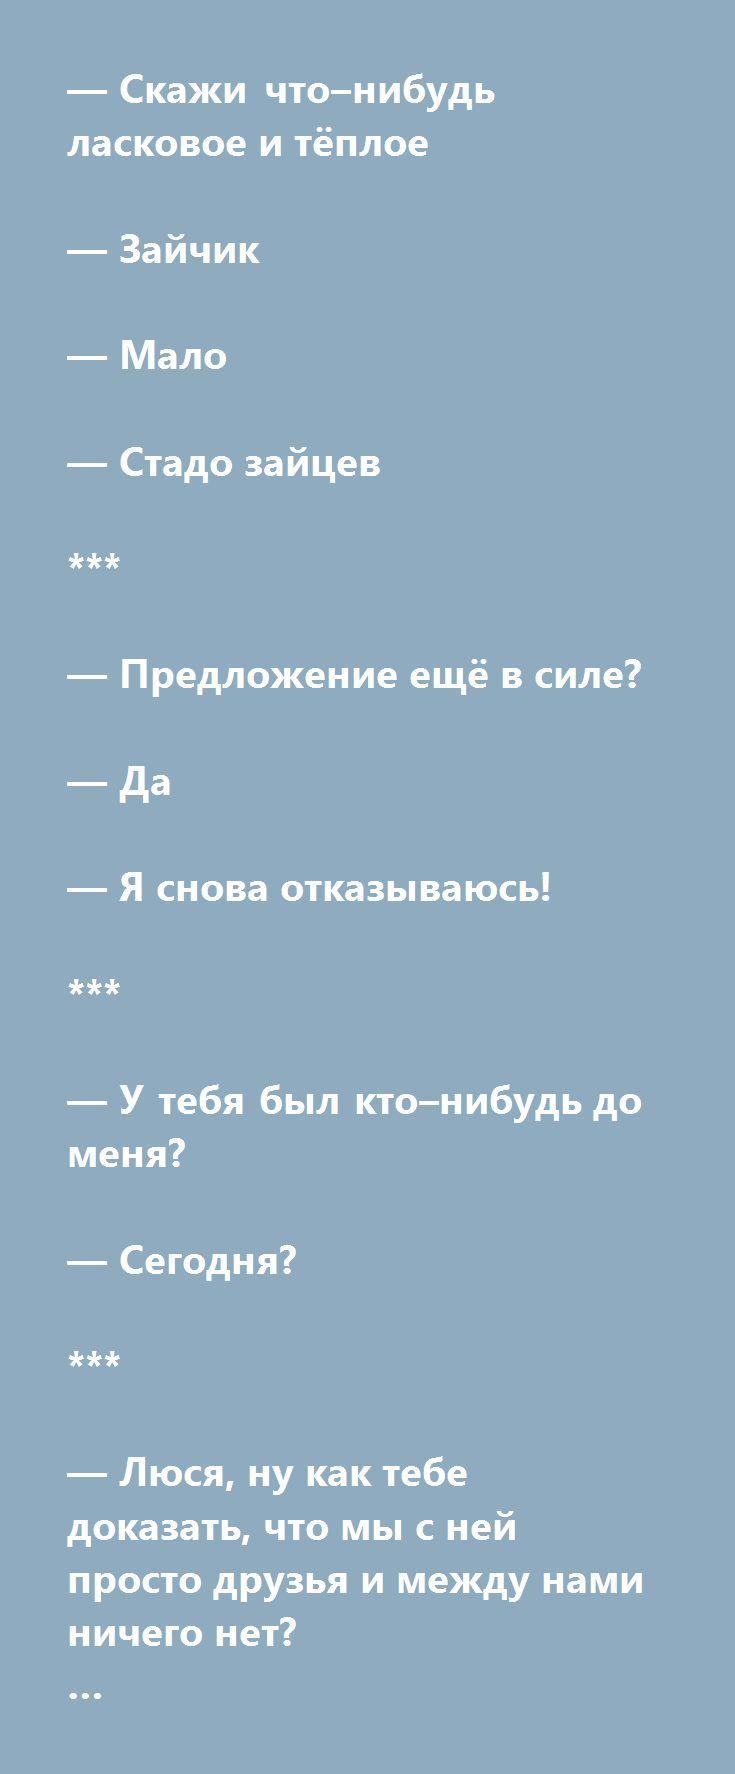 — Скажи что–нибудь ласковое и тёплое   — Зайчик   — Мало   — Стадо зайцев   ***   — Предложение ещё в силе?   — Да   — Я снова отказываюсь!   ***   — У тебя был кто–нибудь до меня?   — Сегодня?   ***   — Люся, ну как тебе доказать, что мы с ней просто друзья и между нами ничего нет?   — Принеси мне её голову!  http://muz4in.net/board/jumor/2-1-0-18952   #цитаты #мысли #мудрость #анекдоты